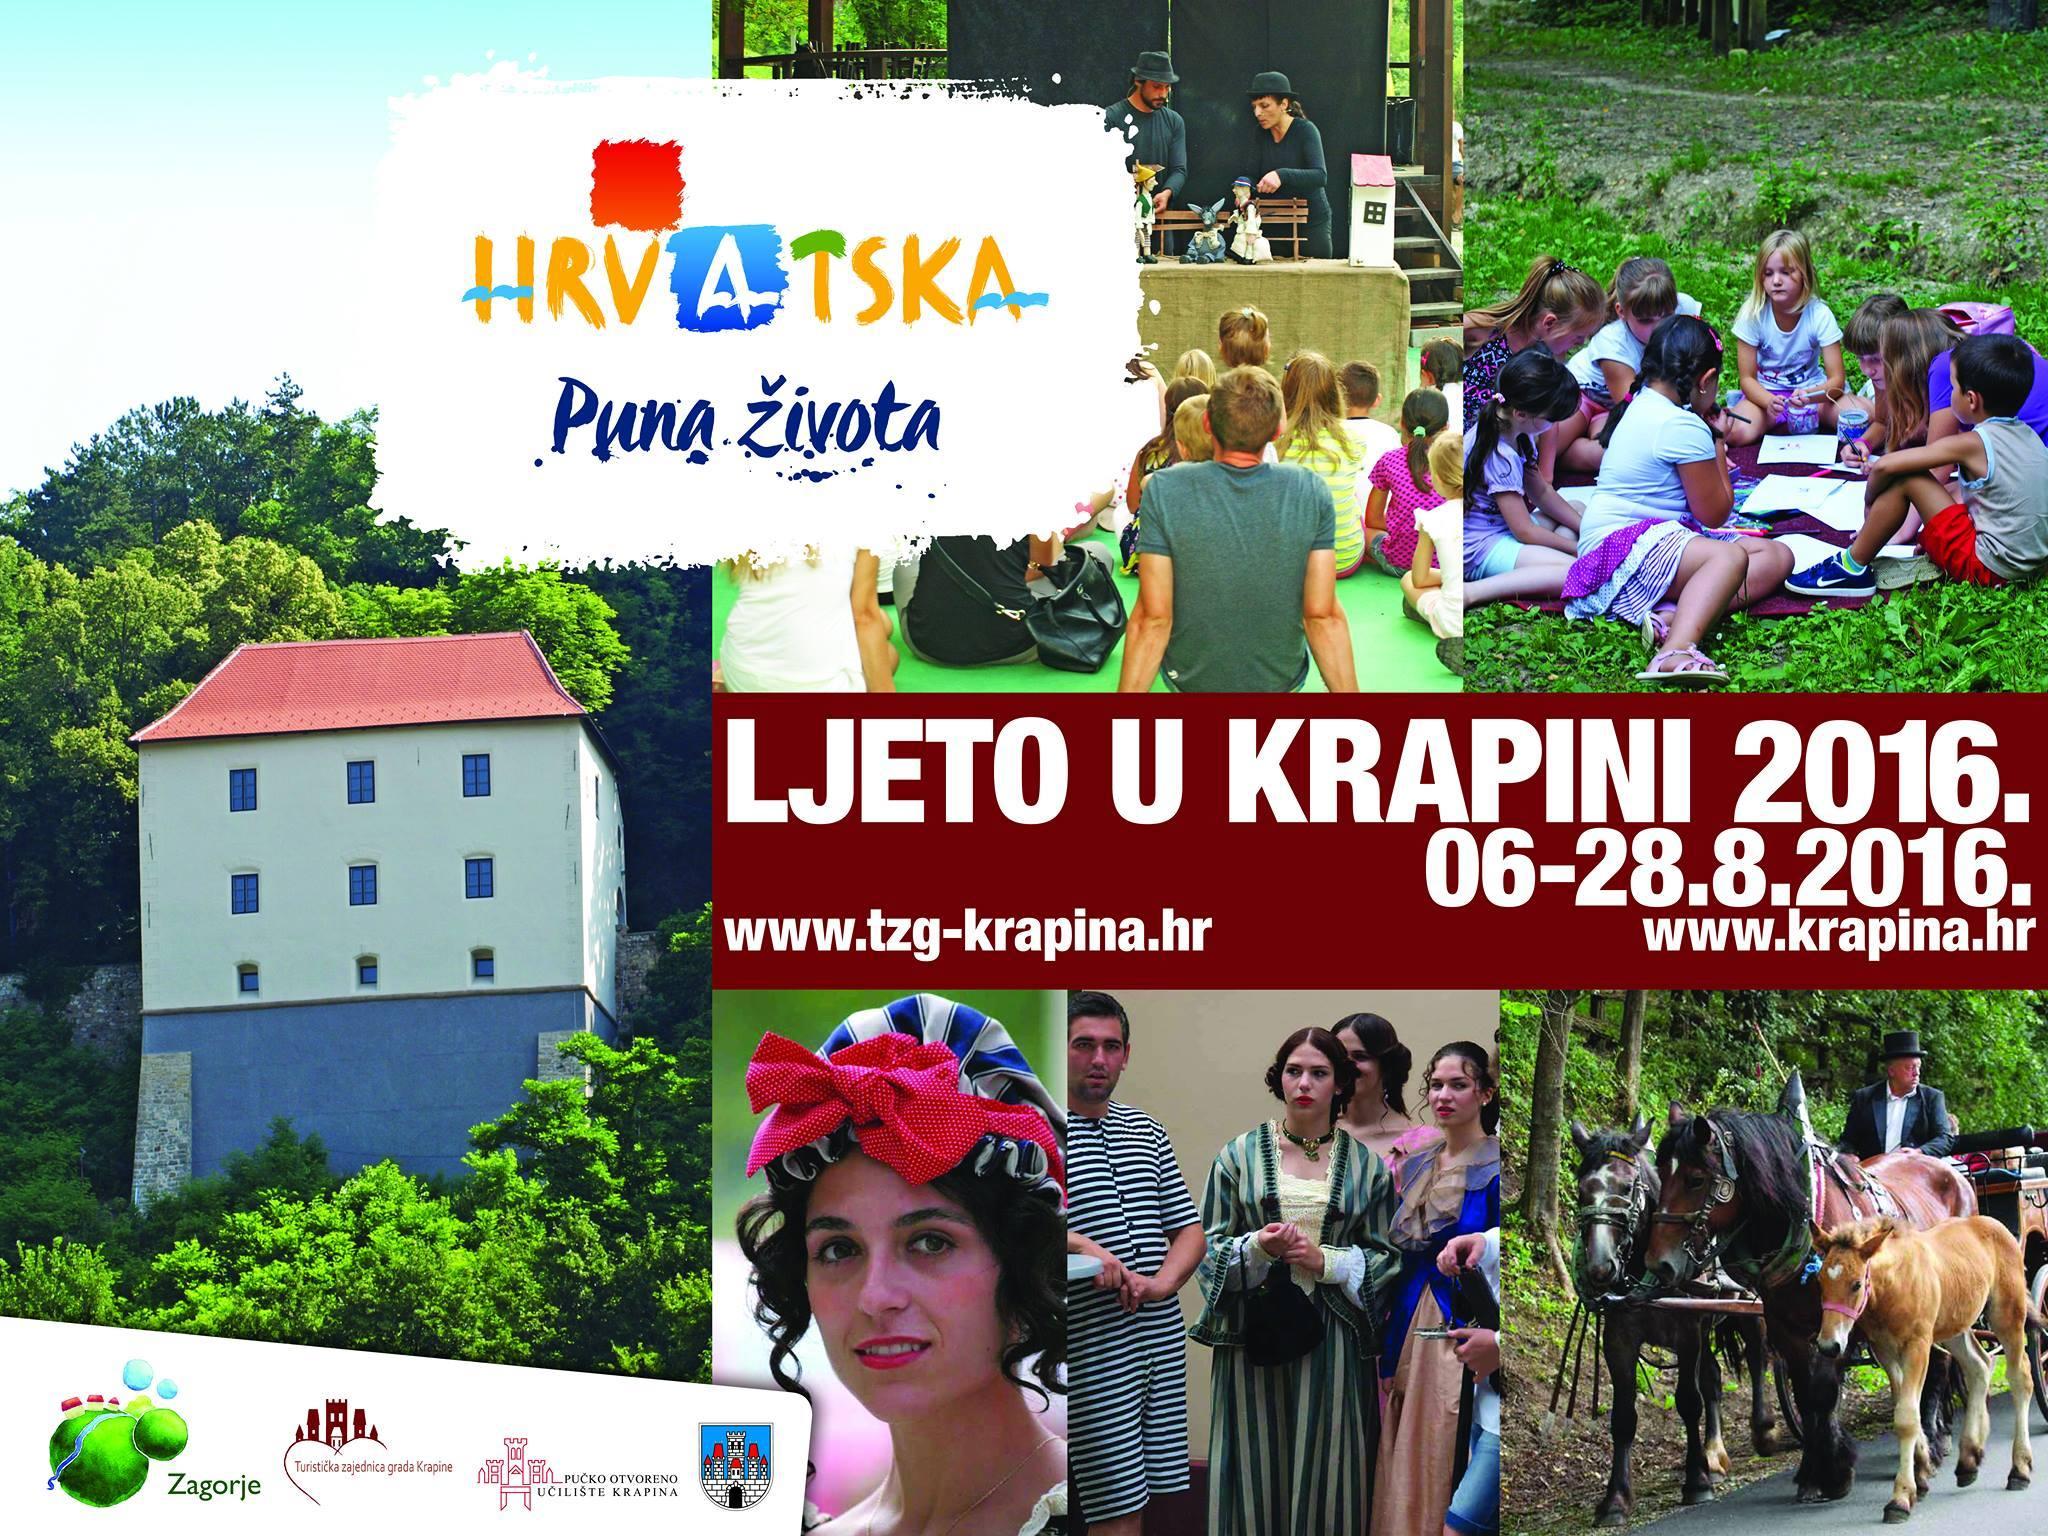 LokalnaHrvatska.hr Krapina Najava- Ljeto u Krapini, 27. i 28.kolovoza 2016.